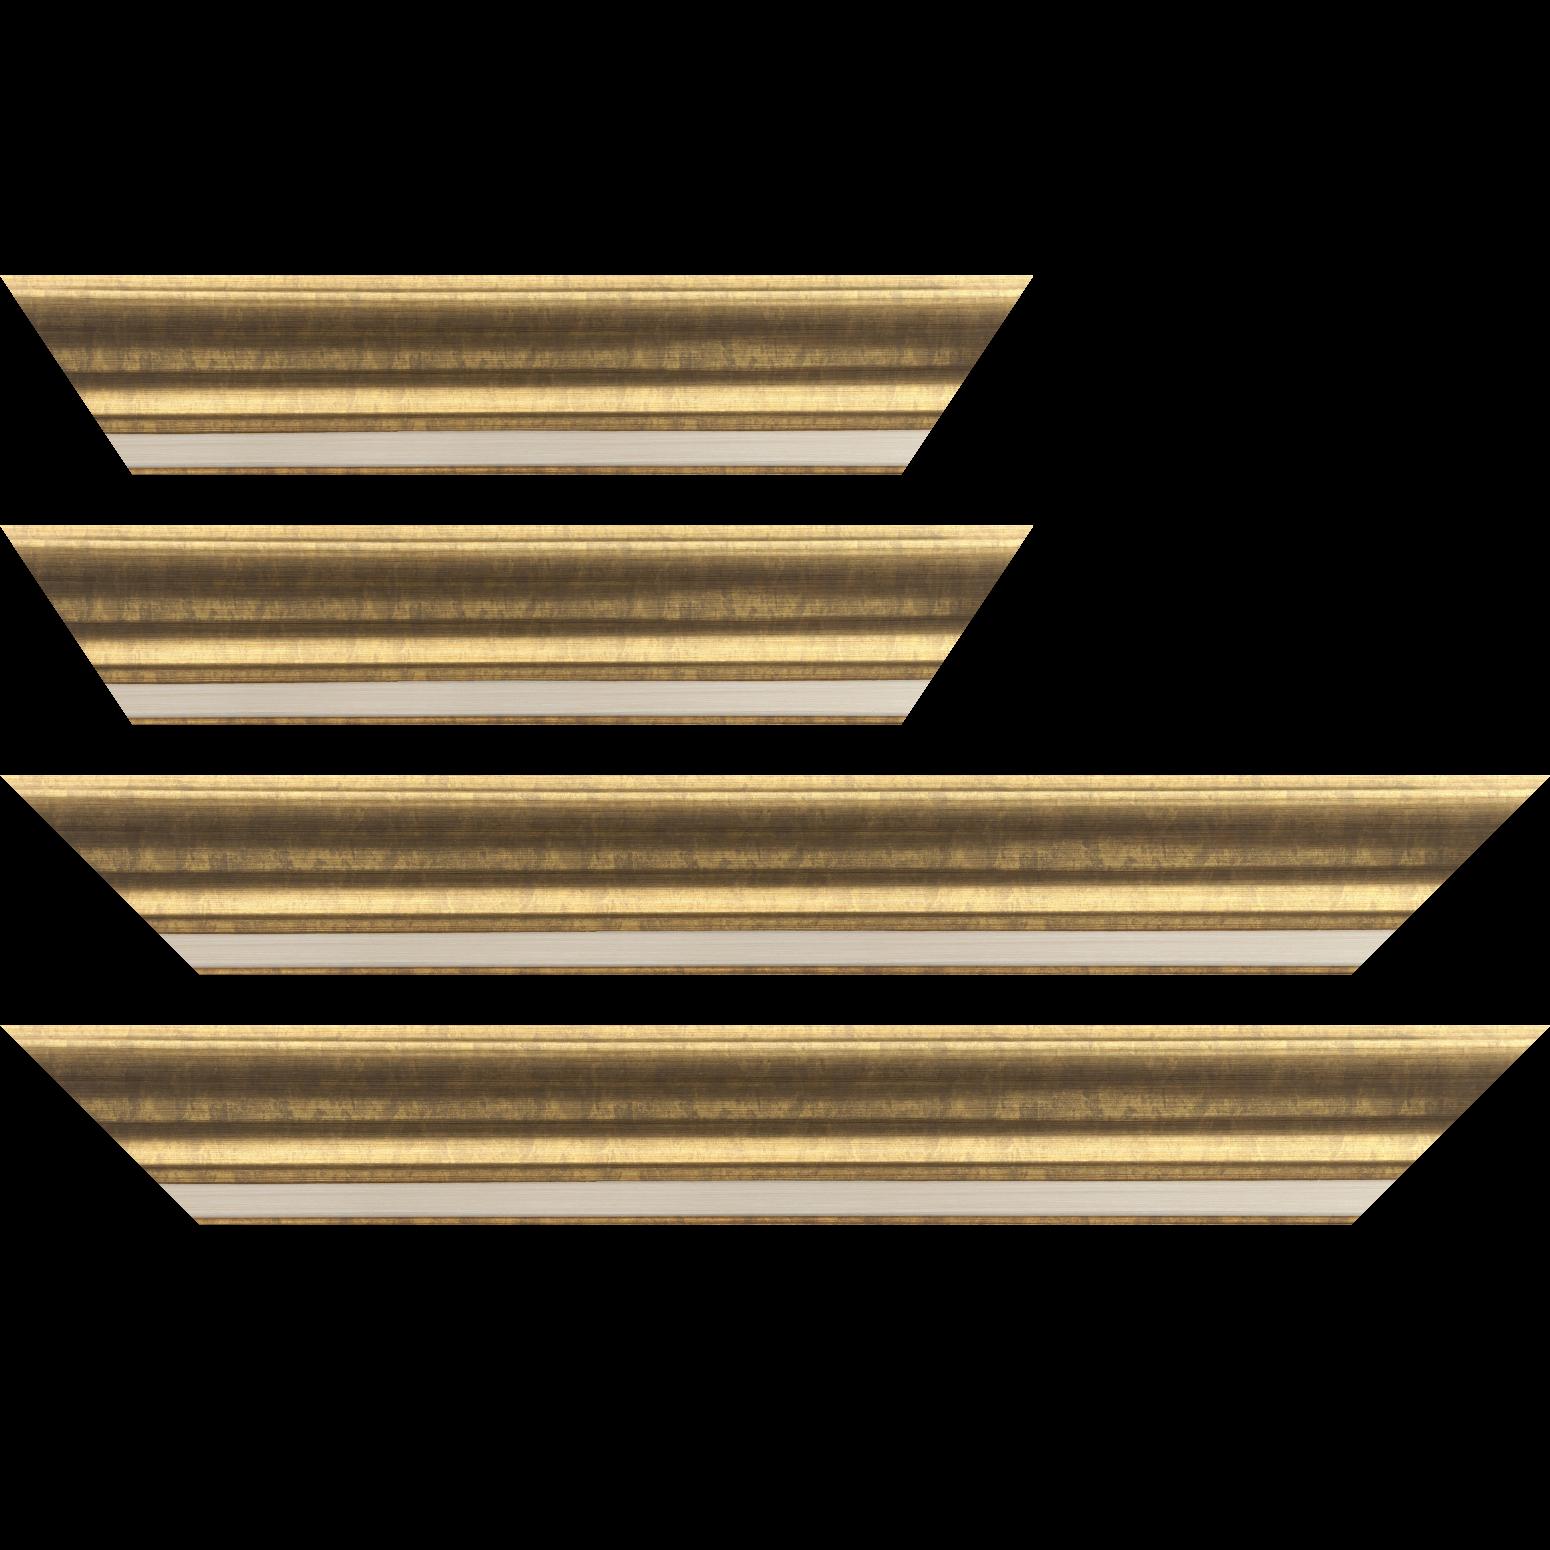 Baguette service précoupé Bois profil incurvé largeur 6.3cm couleur or marie louise intégrée